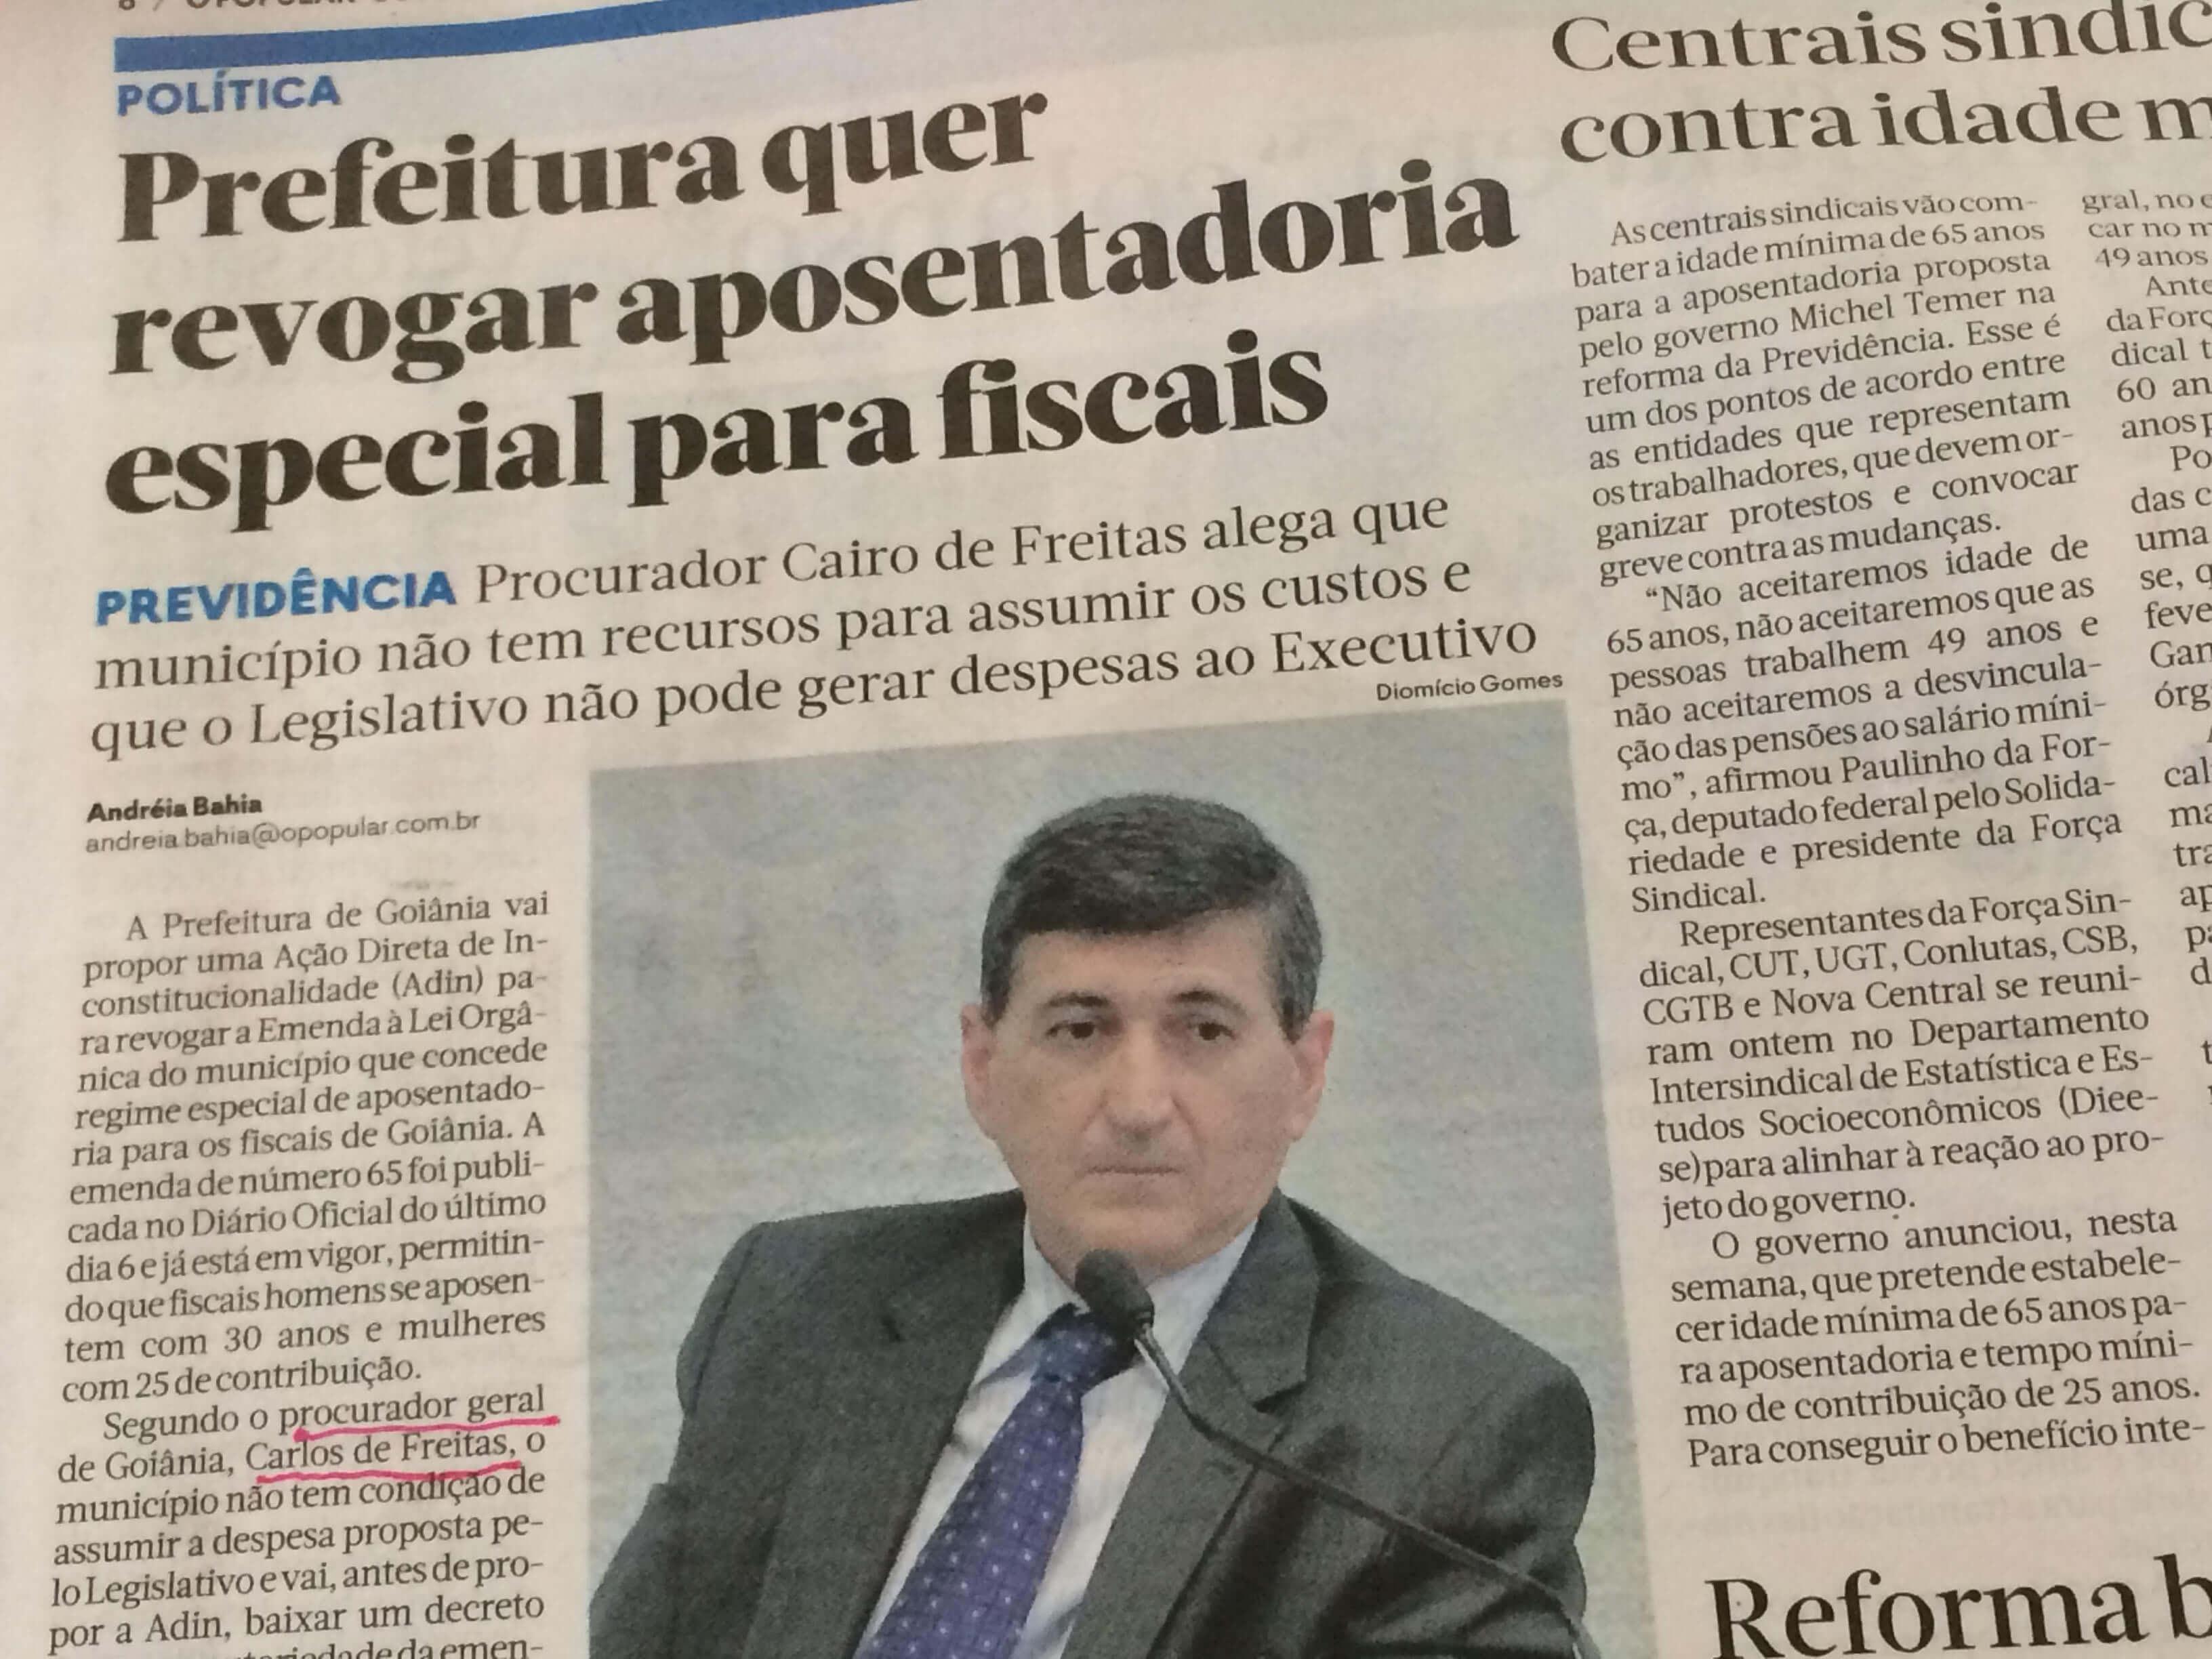 O Popular nomeia Cairo de Freitas e demite Carlos de Freitas da Procuradoria Geral da Prefeitura